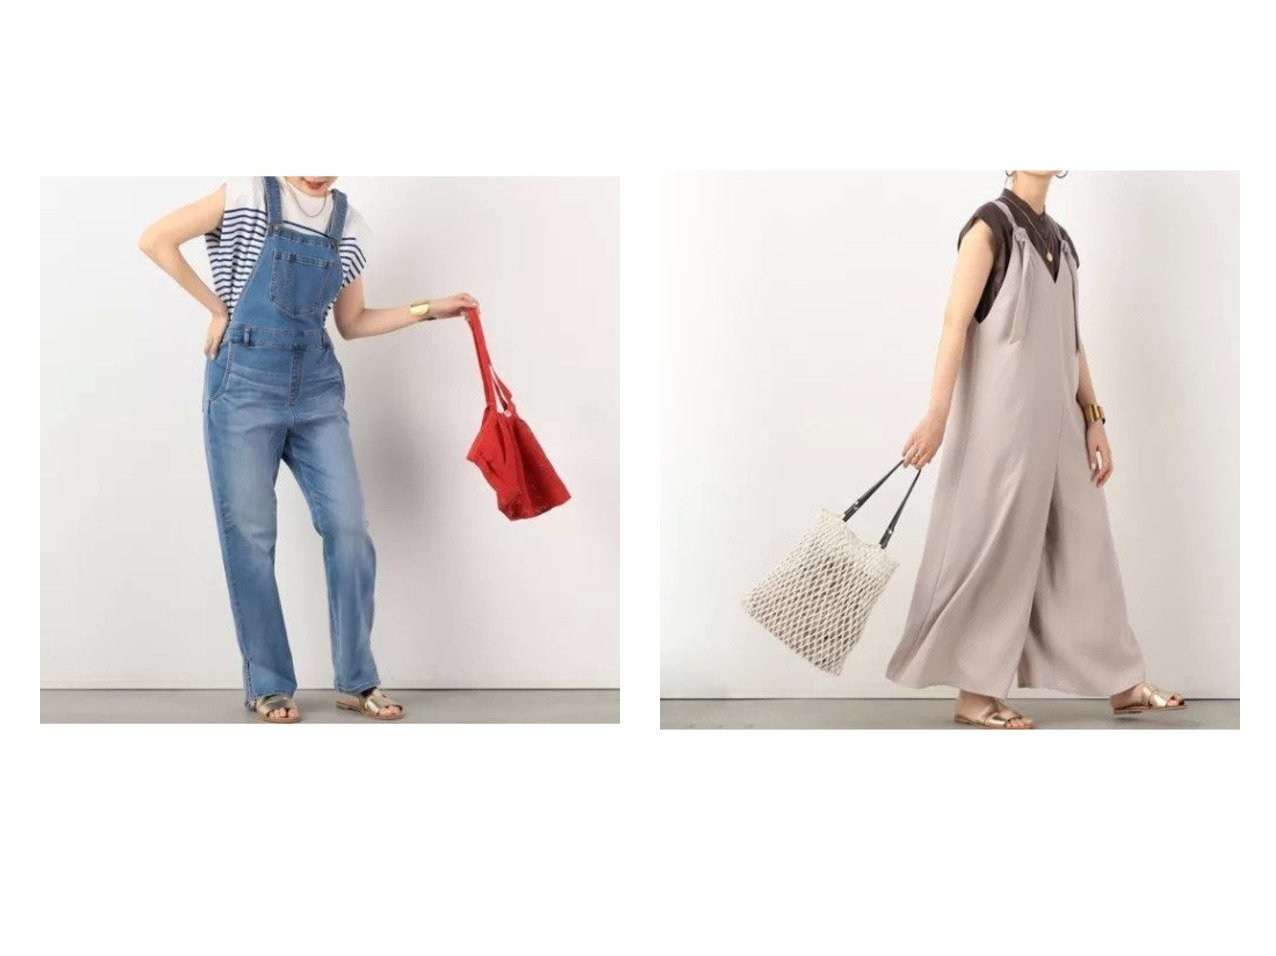 【NOLLEY'S/ノーリーズ】のデニムサロペット&【WEB限定】ダブルバックサテンサロペット 【ワンピース・ドレス】おすすめ!人気、トレンド・レディースファッションの通販 おすすめで人気の流行・トレンド、ファッションの通販商品 インテリア・家具・メンズファッション・キッズファッション・レディースファッション・服の通販 founy(ファニー) https://founy.com/ ファッション Fashion レディースファッション WOMEN ワンピース Dress オールインワン ワンピース All In One Dress サロペット Salopette バッグ Bag カットソー スリット ベーシック リラックス ワイド  ID:crp329100000054617